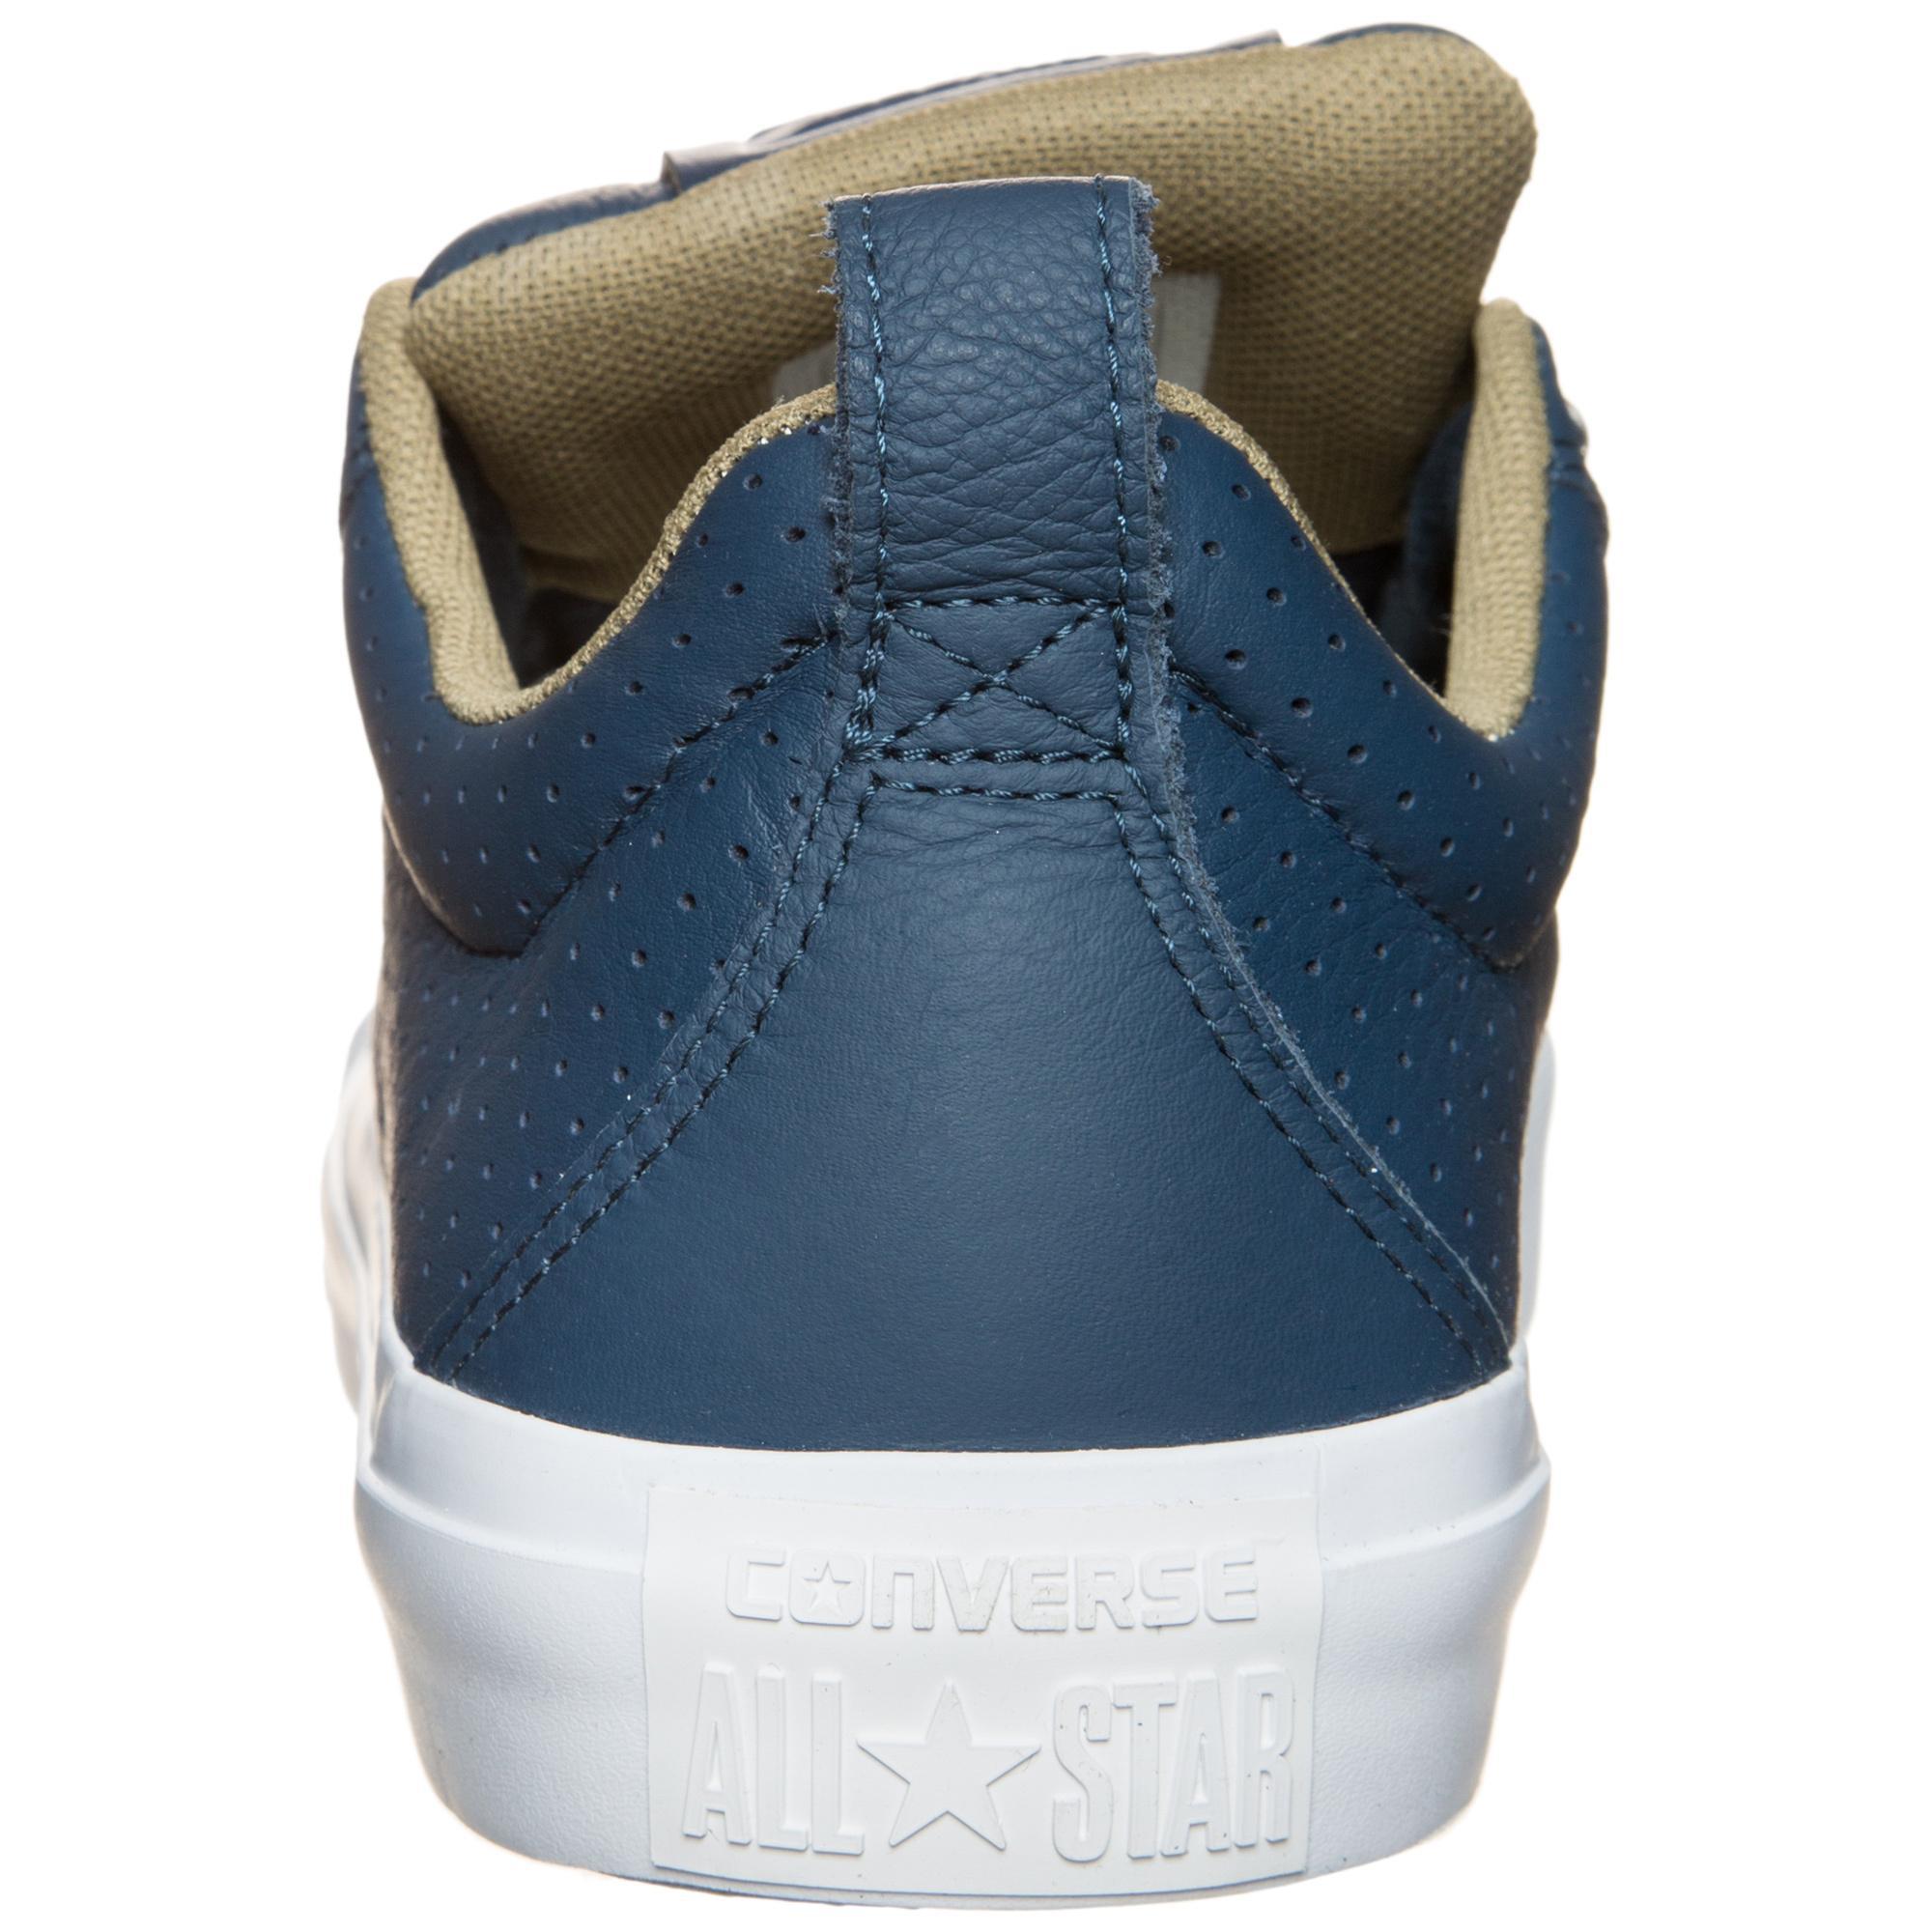 CONVERSE All Star Fulton Turnschuhe dunkelblau / weiß im Online Gute Shop von SportScheck kaufen Gute Online Qualität beliebte Schuhe b3b2a8